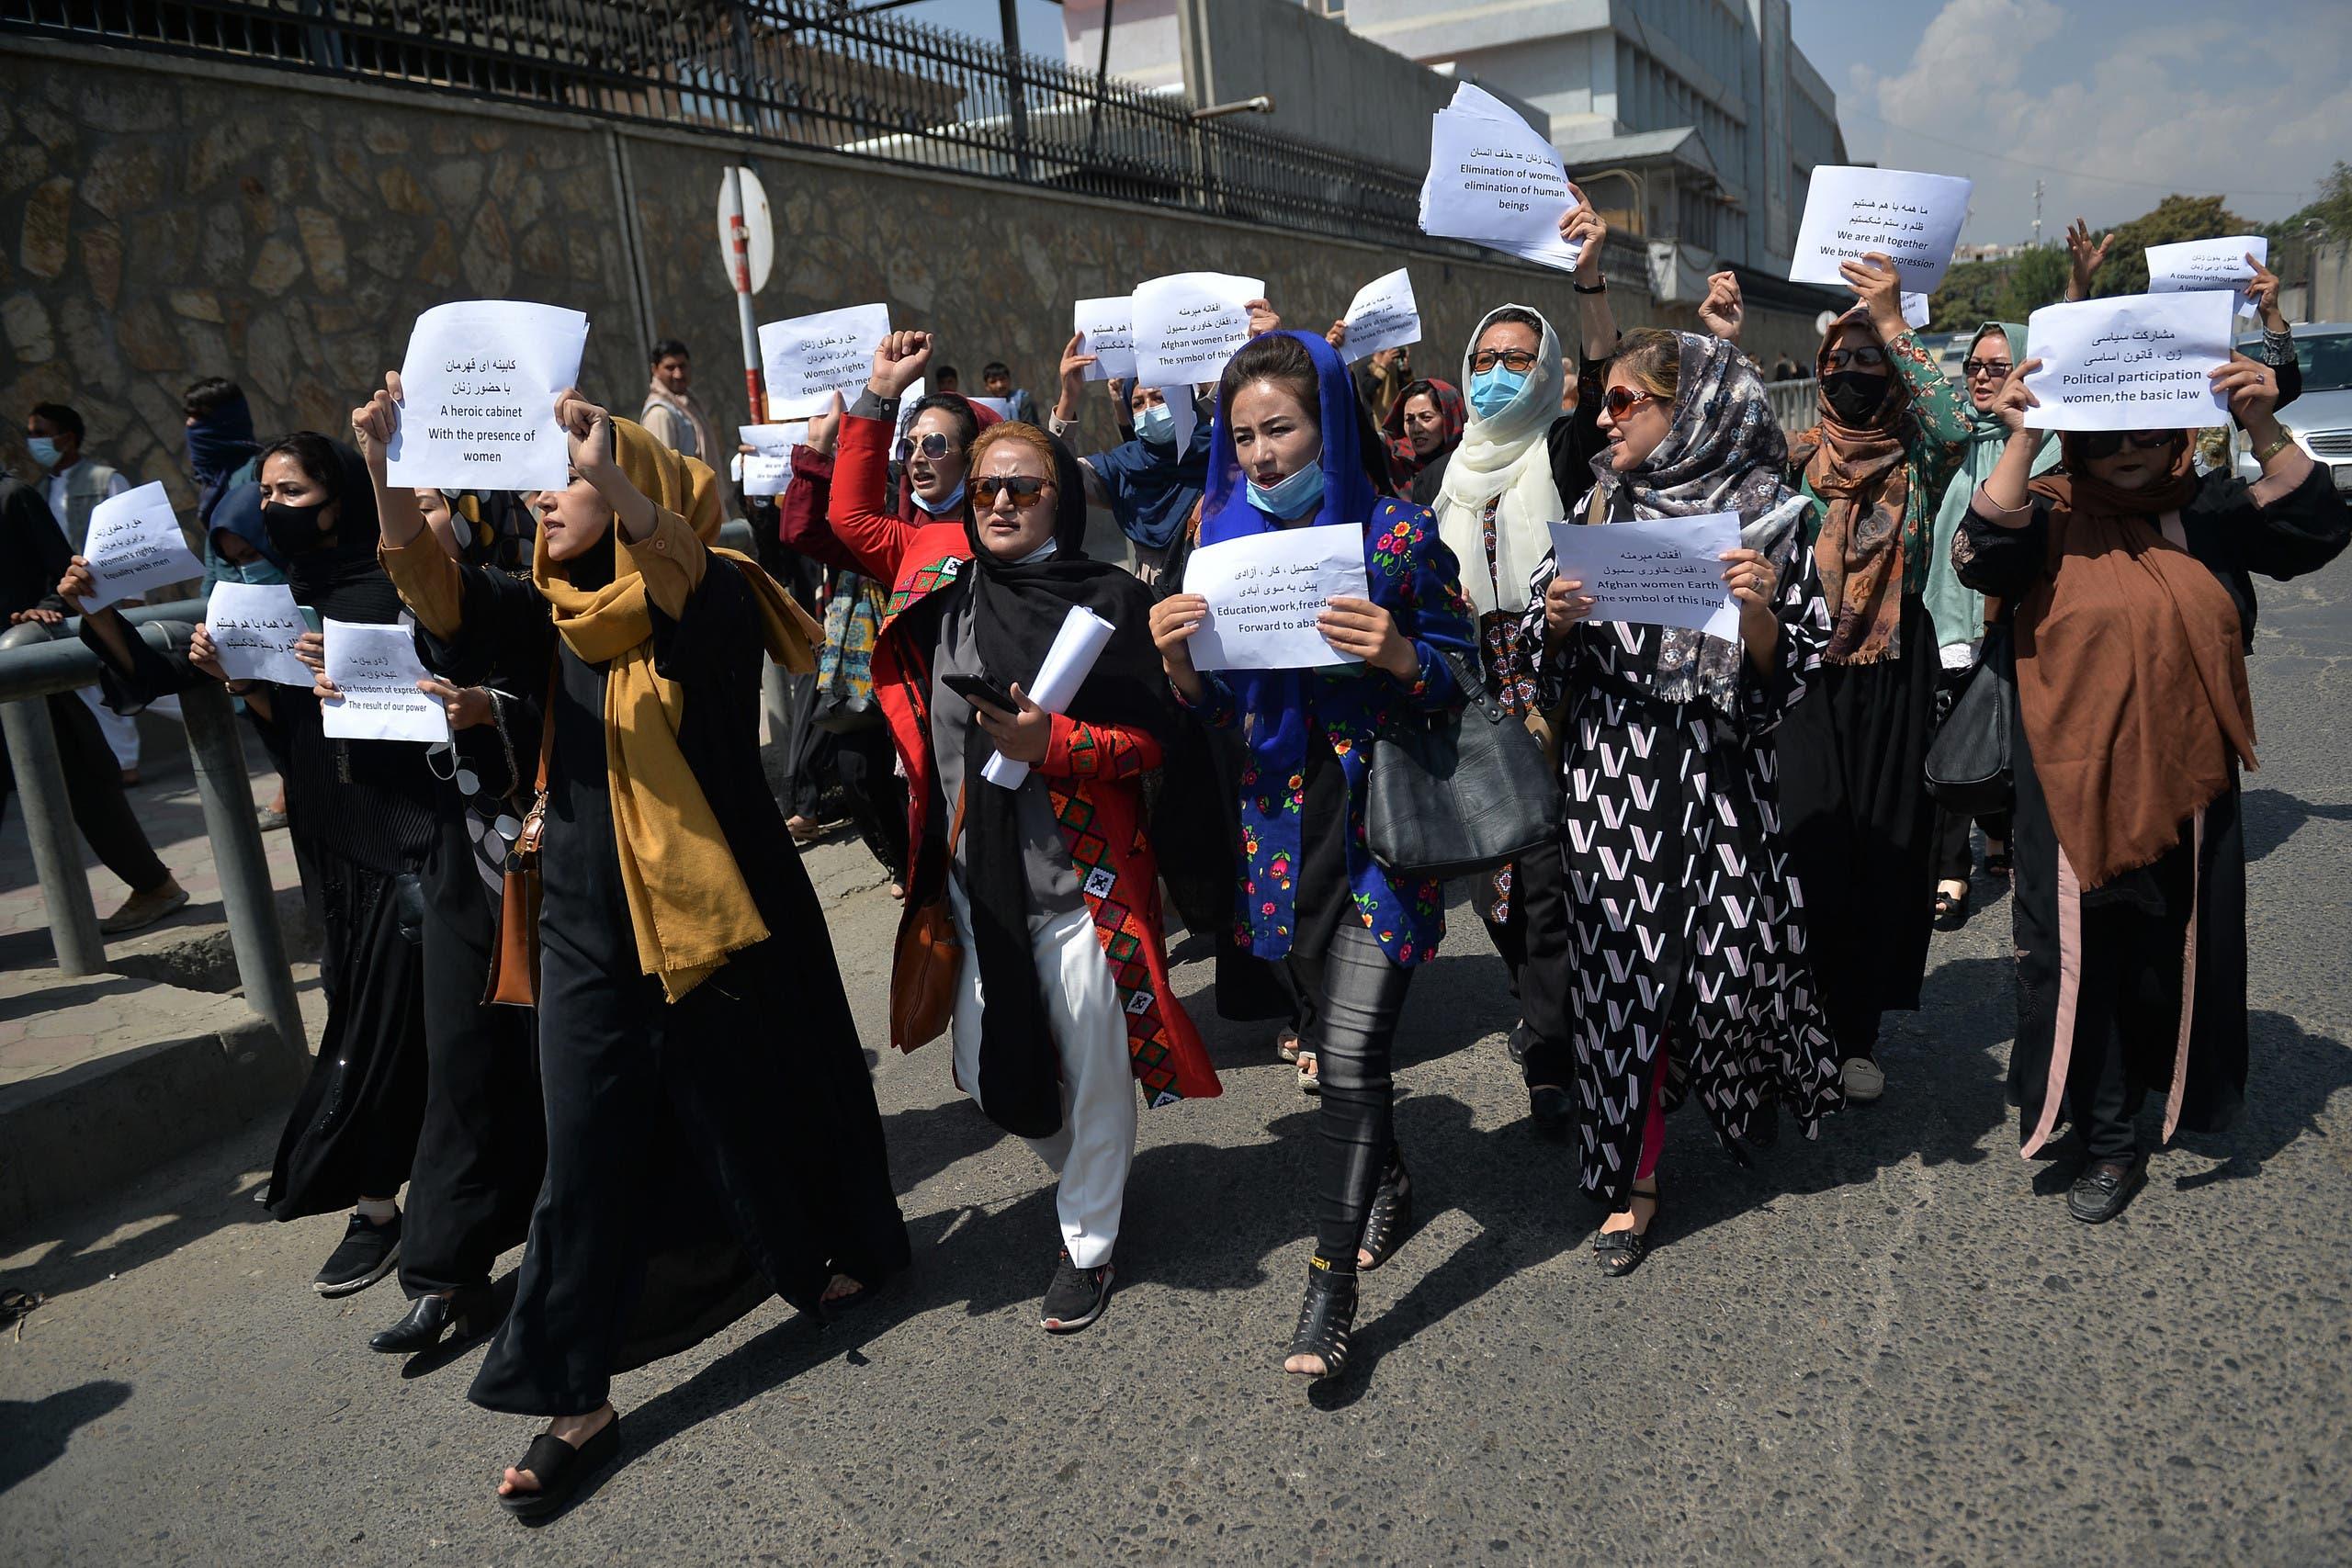 من التظاهرات النسائية للمطالبة بحقوق النساء الأفغانيات